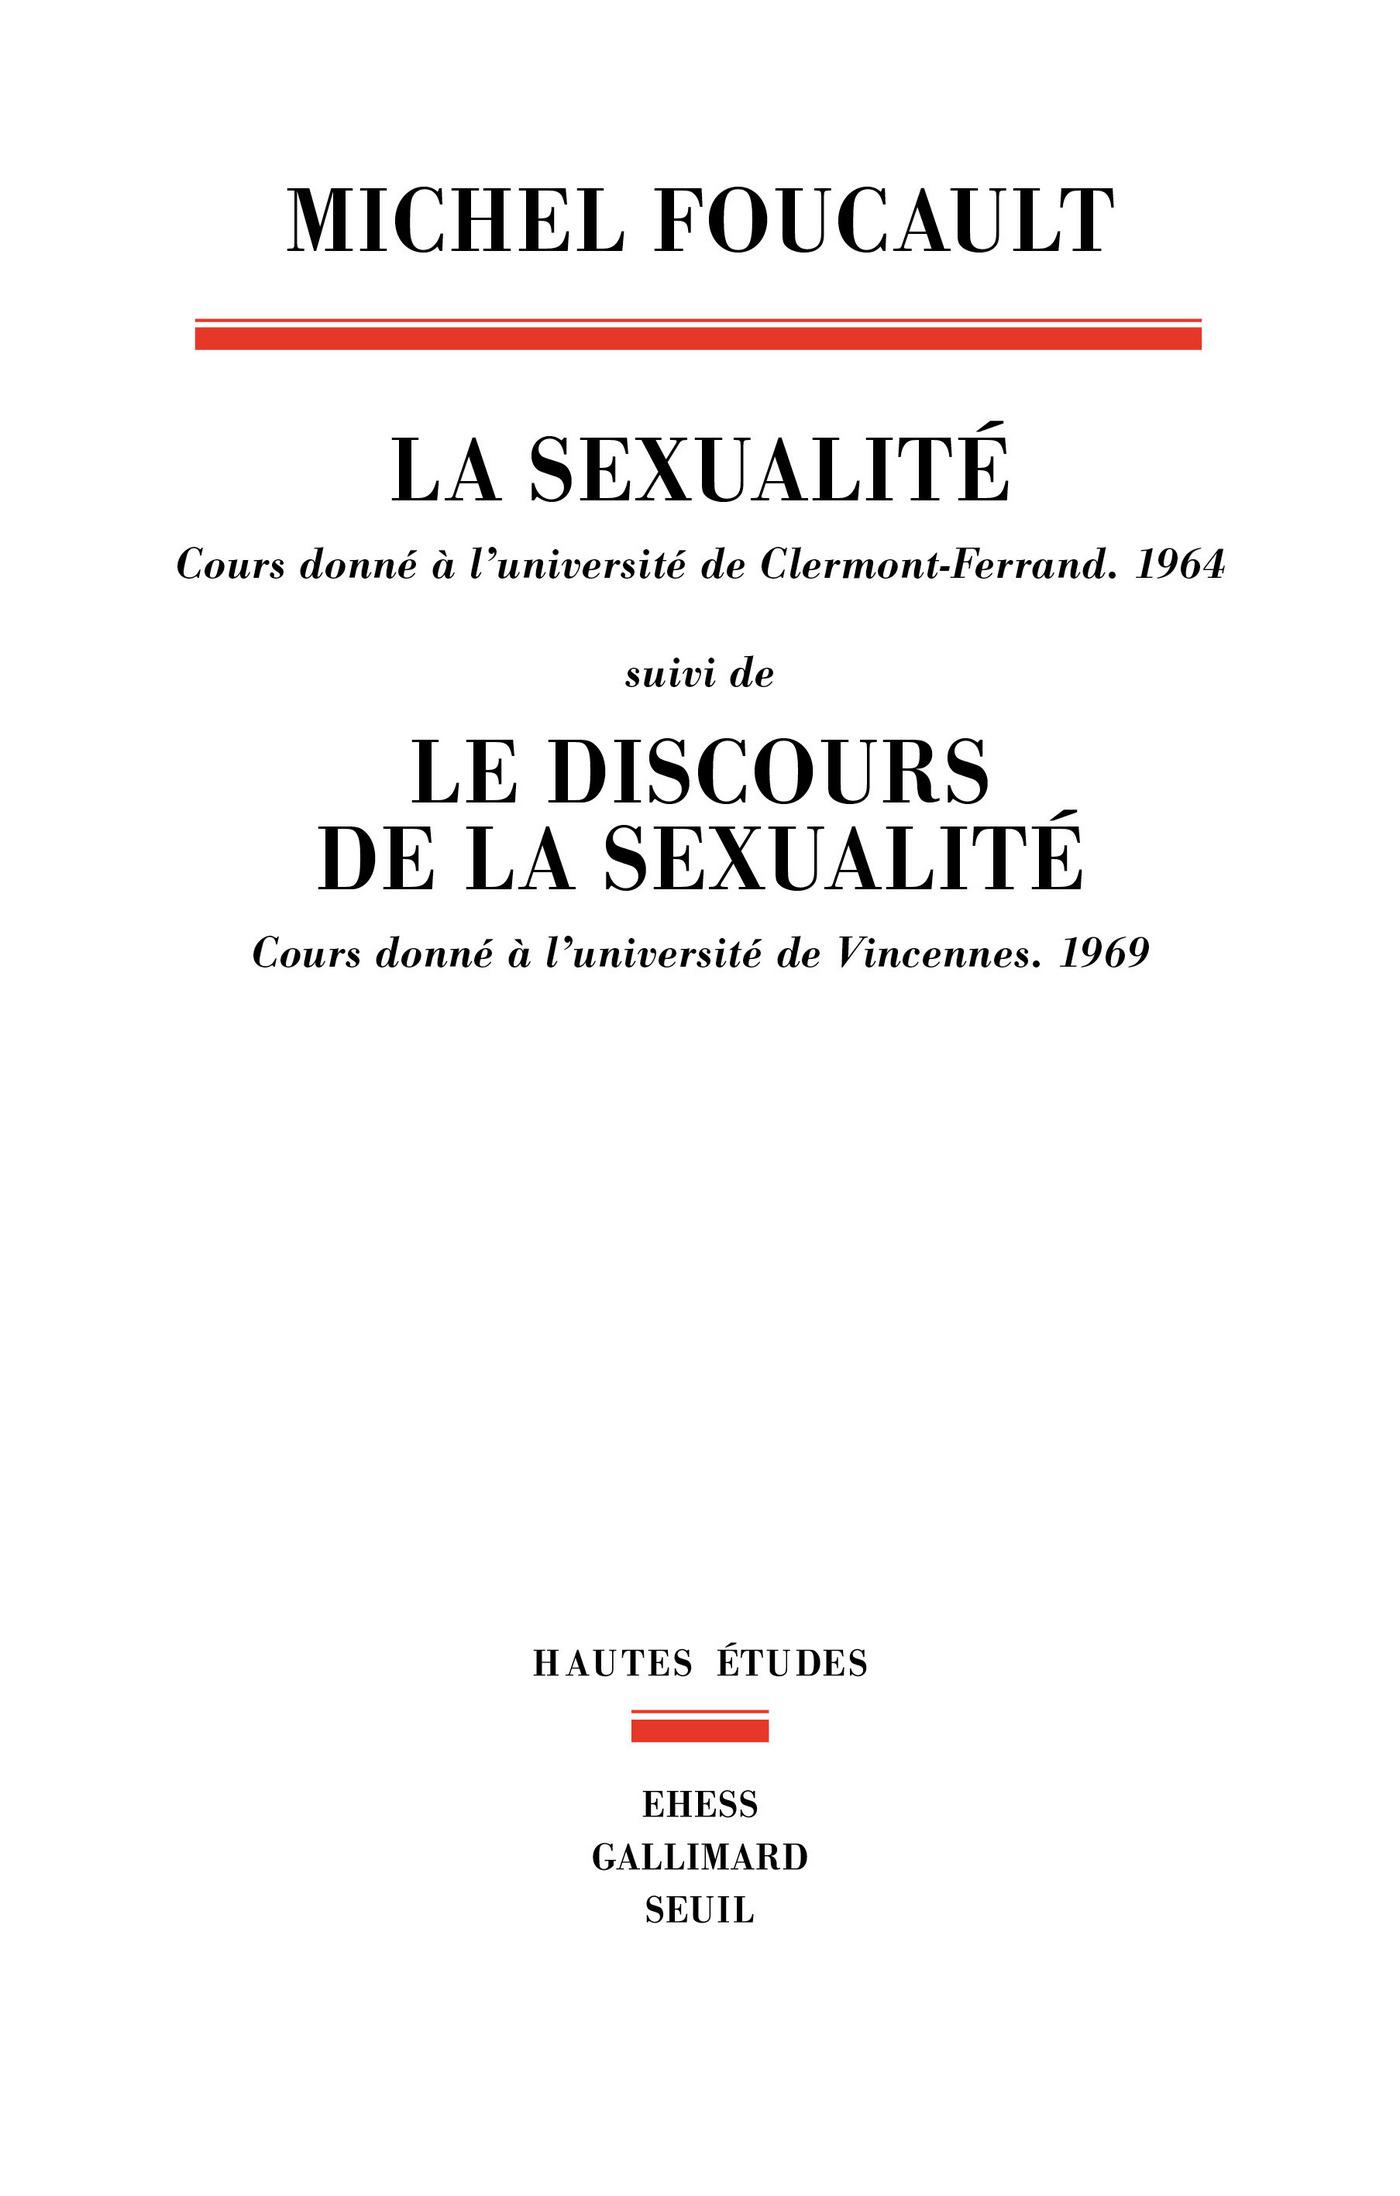 La sexualité - Cours donné à l'université de Clermont-Ferrand (1964)